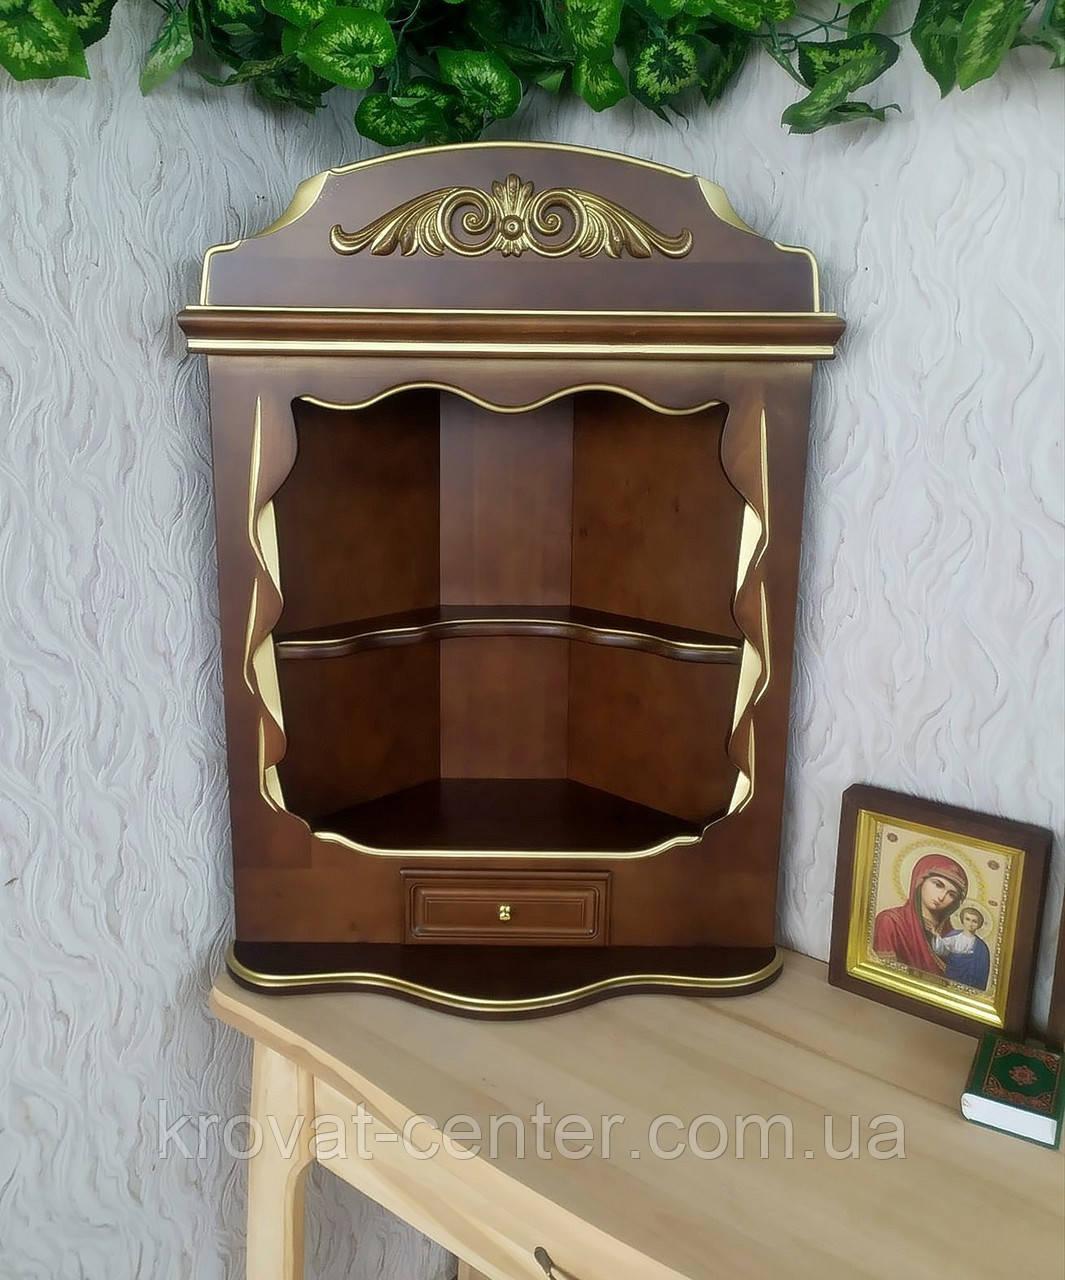 Домашний иконостас ручной работы из дерева навесной, настольный от производителя (цвет на выбор)